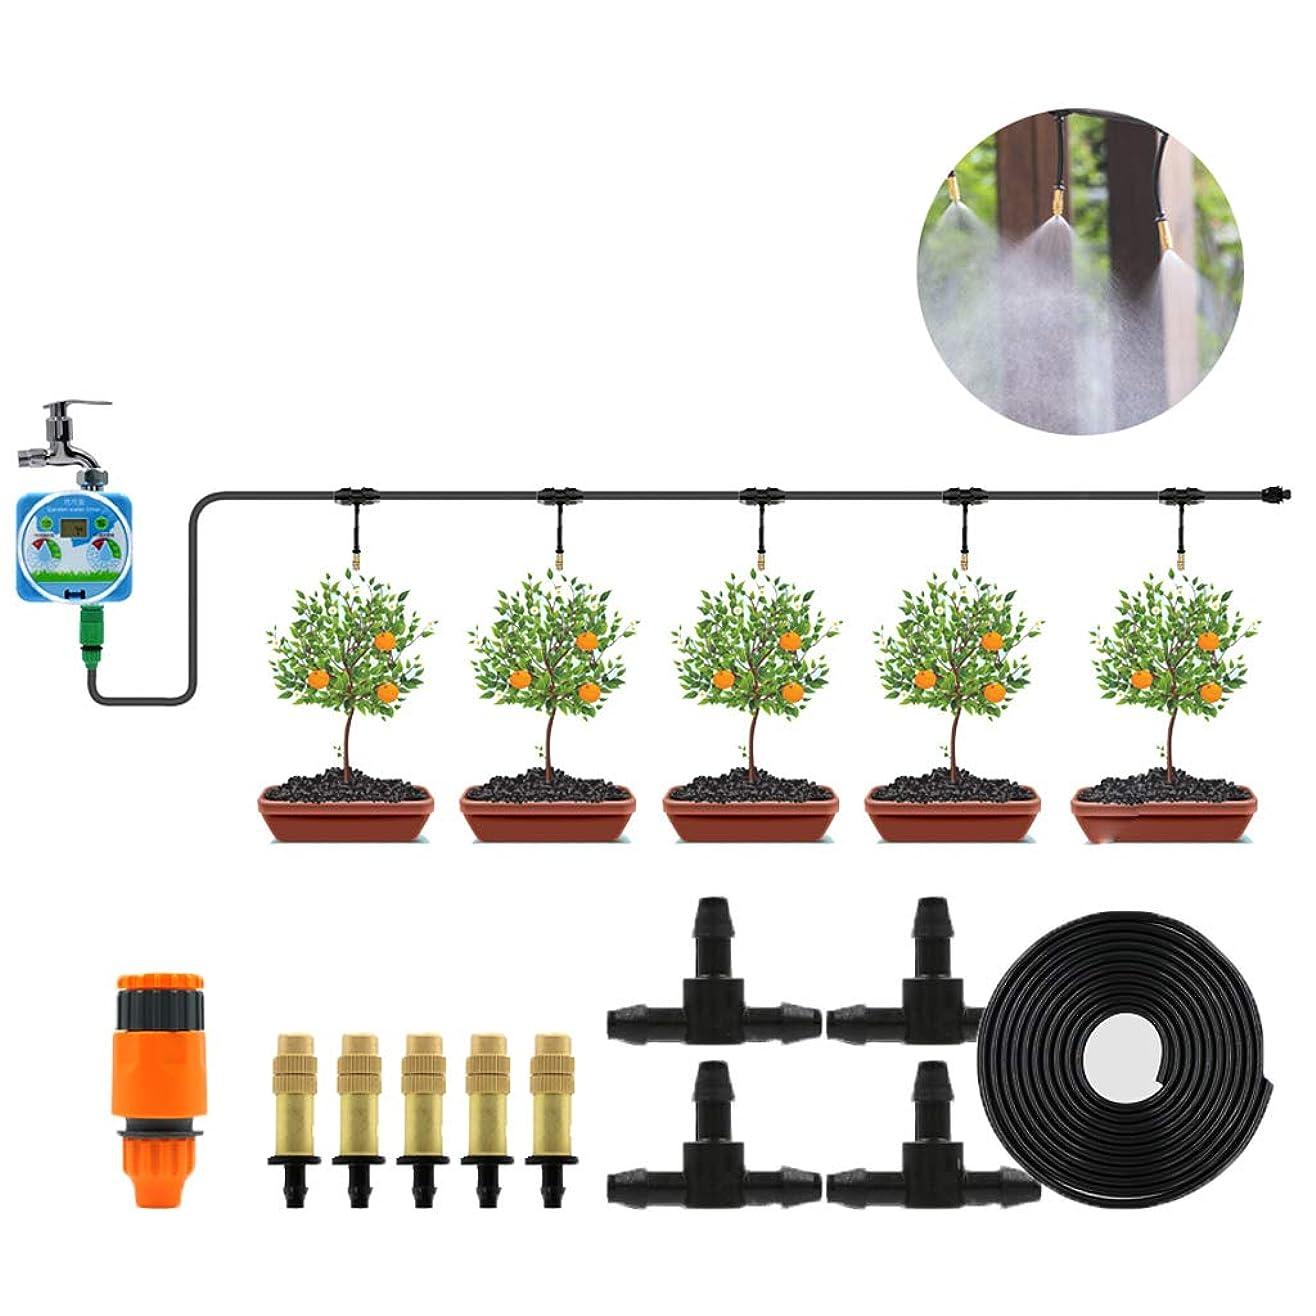 緊張寄稿者最少自動散水装置、ガーデニングタイミング灌漑装置、弱電流保護、設定が簡単、芝生庭園灌漑用